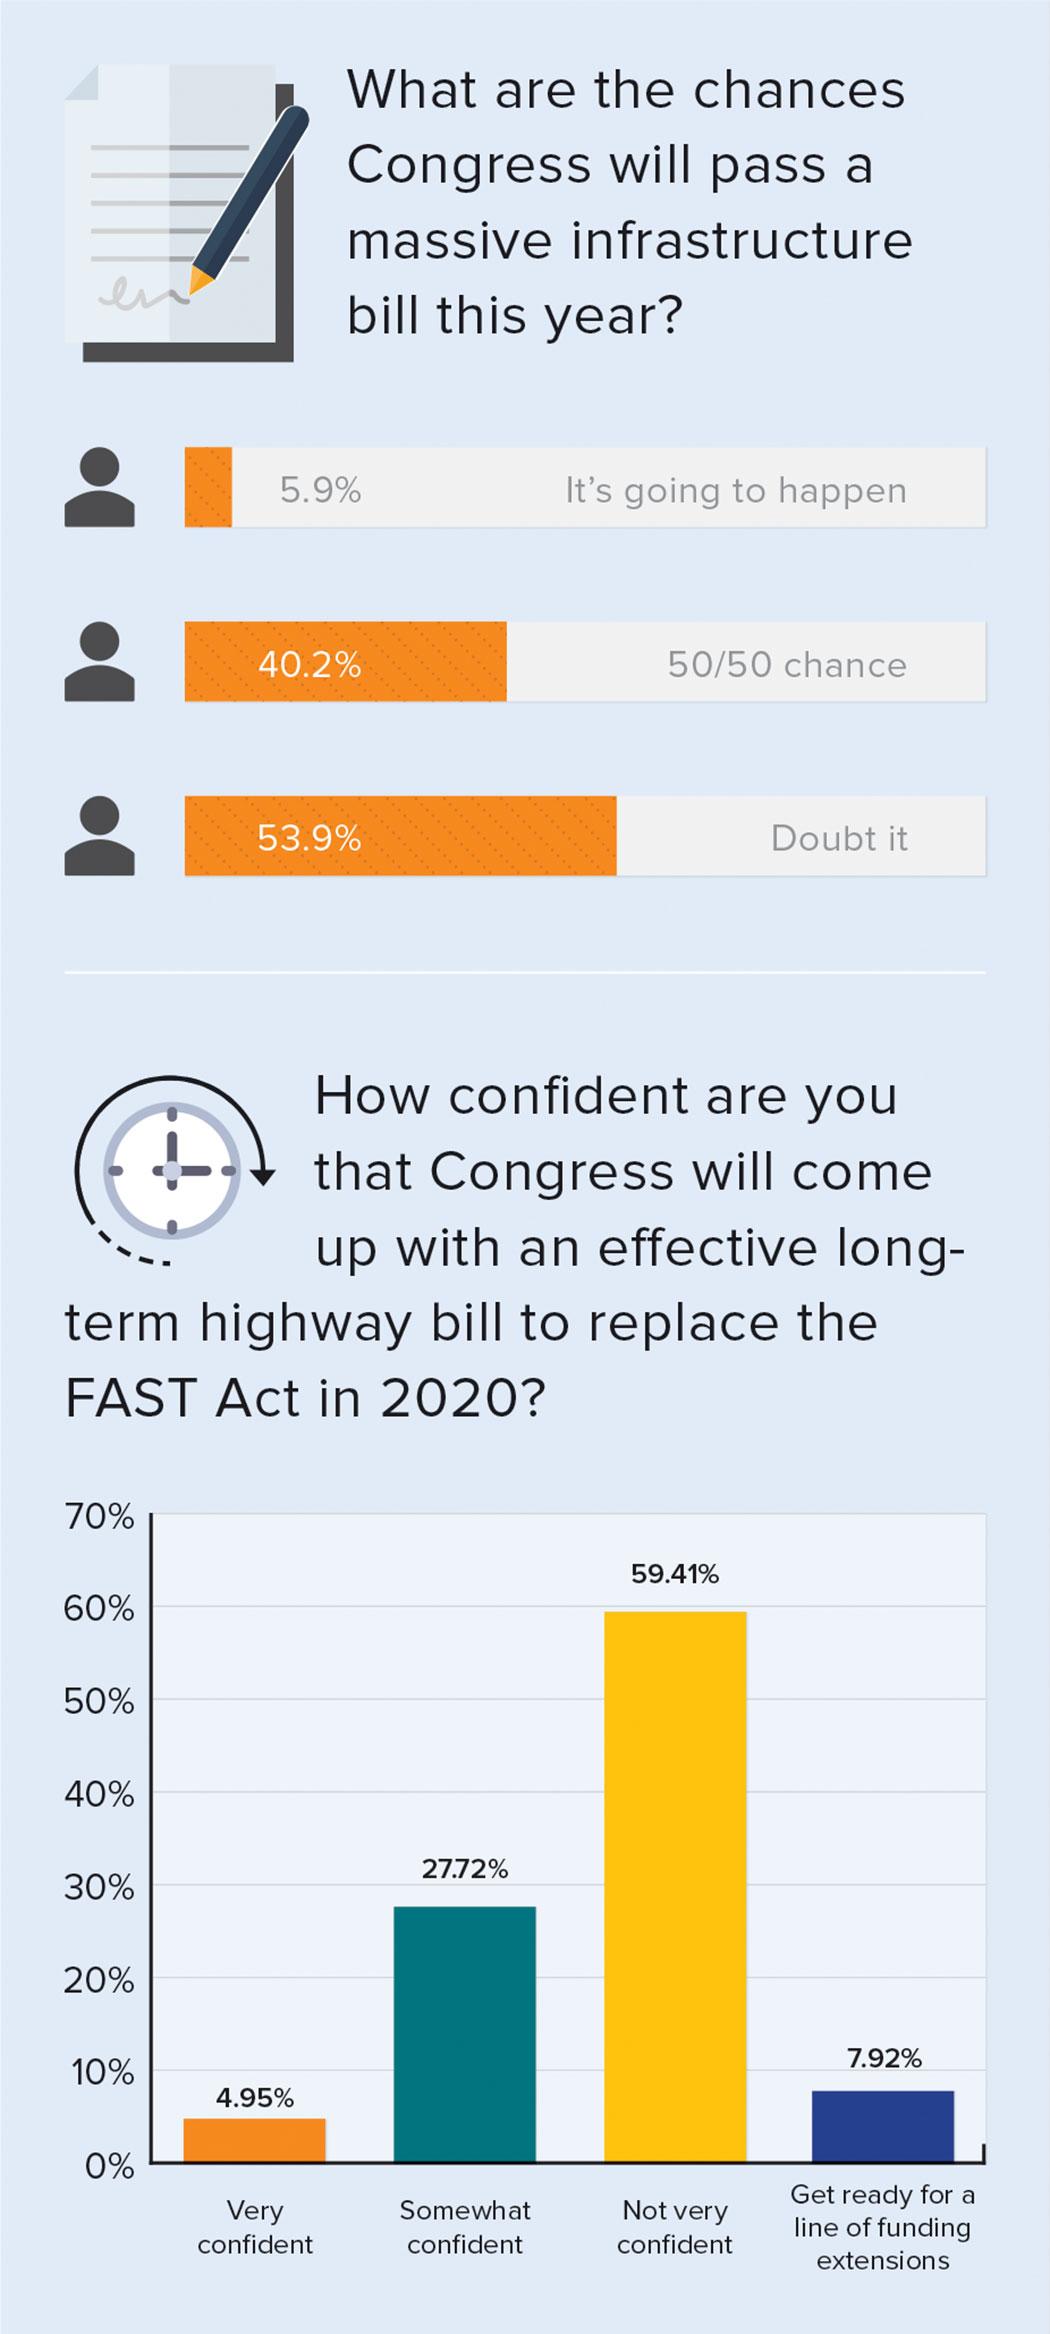 chances Congress will pass massive infrastructure bill